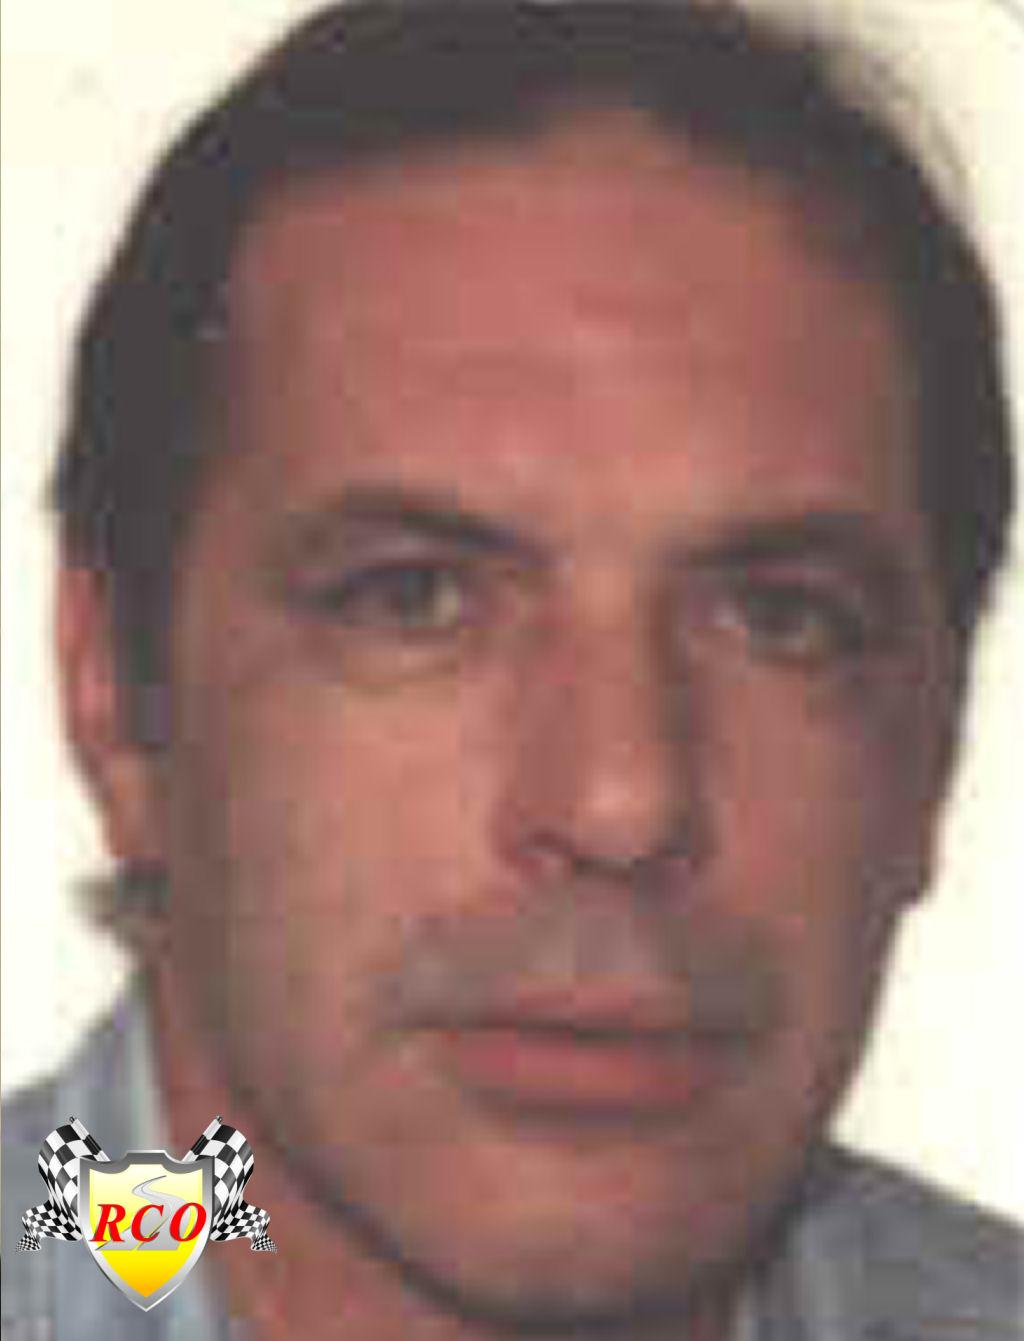 Jean-Marie WEY - 02/04/1953 - 27/12/2001 Jean-m10